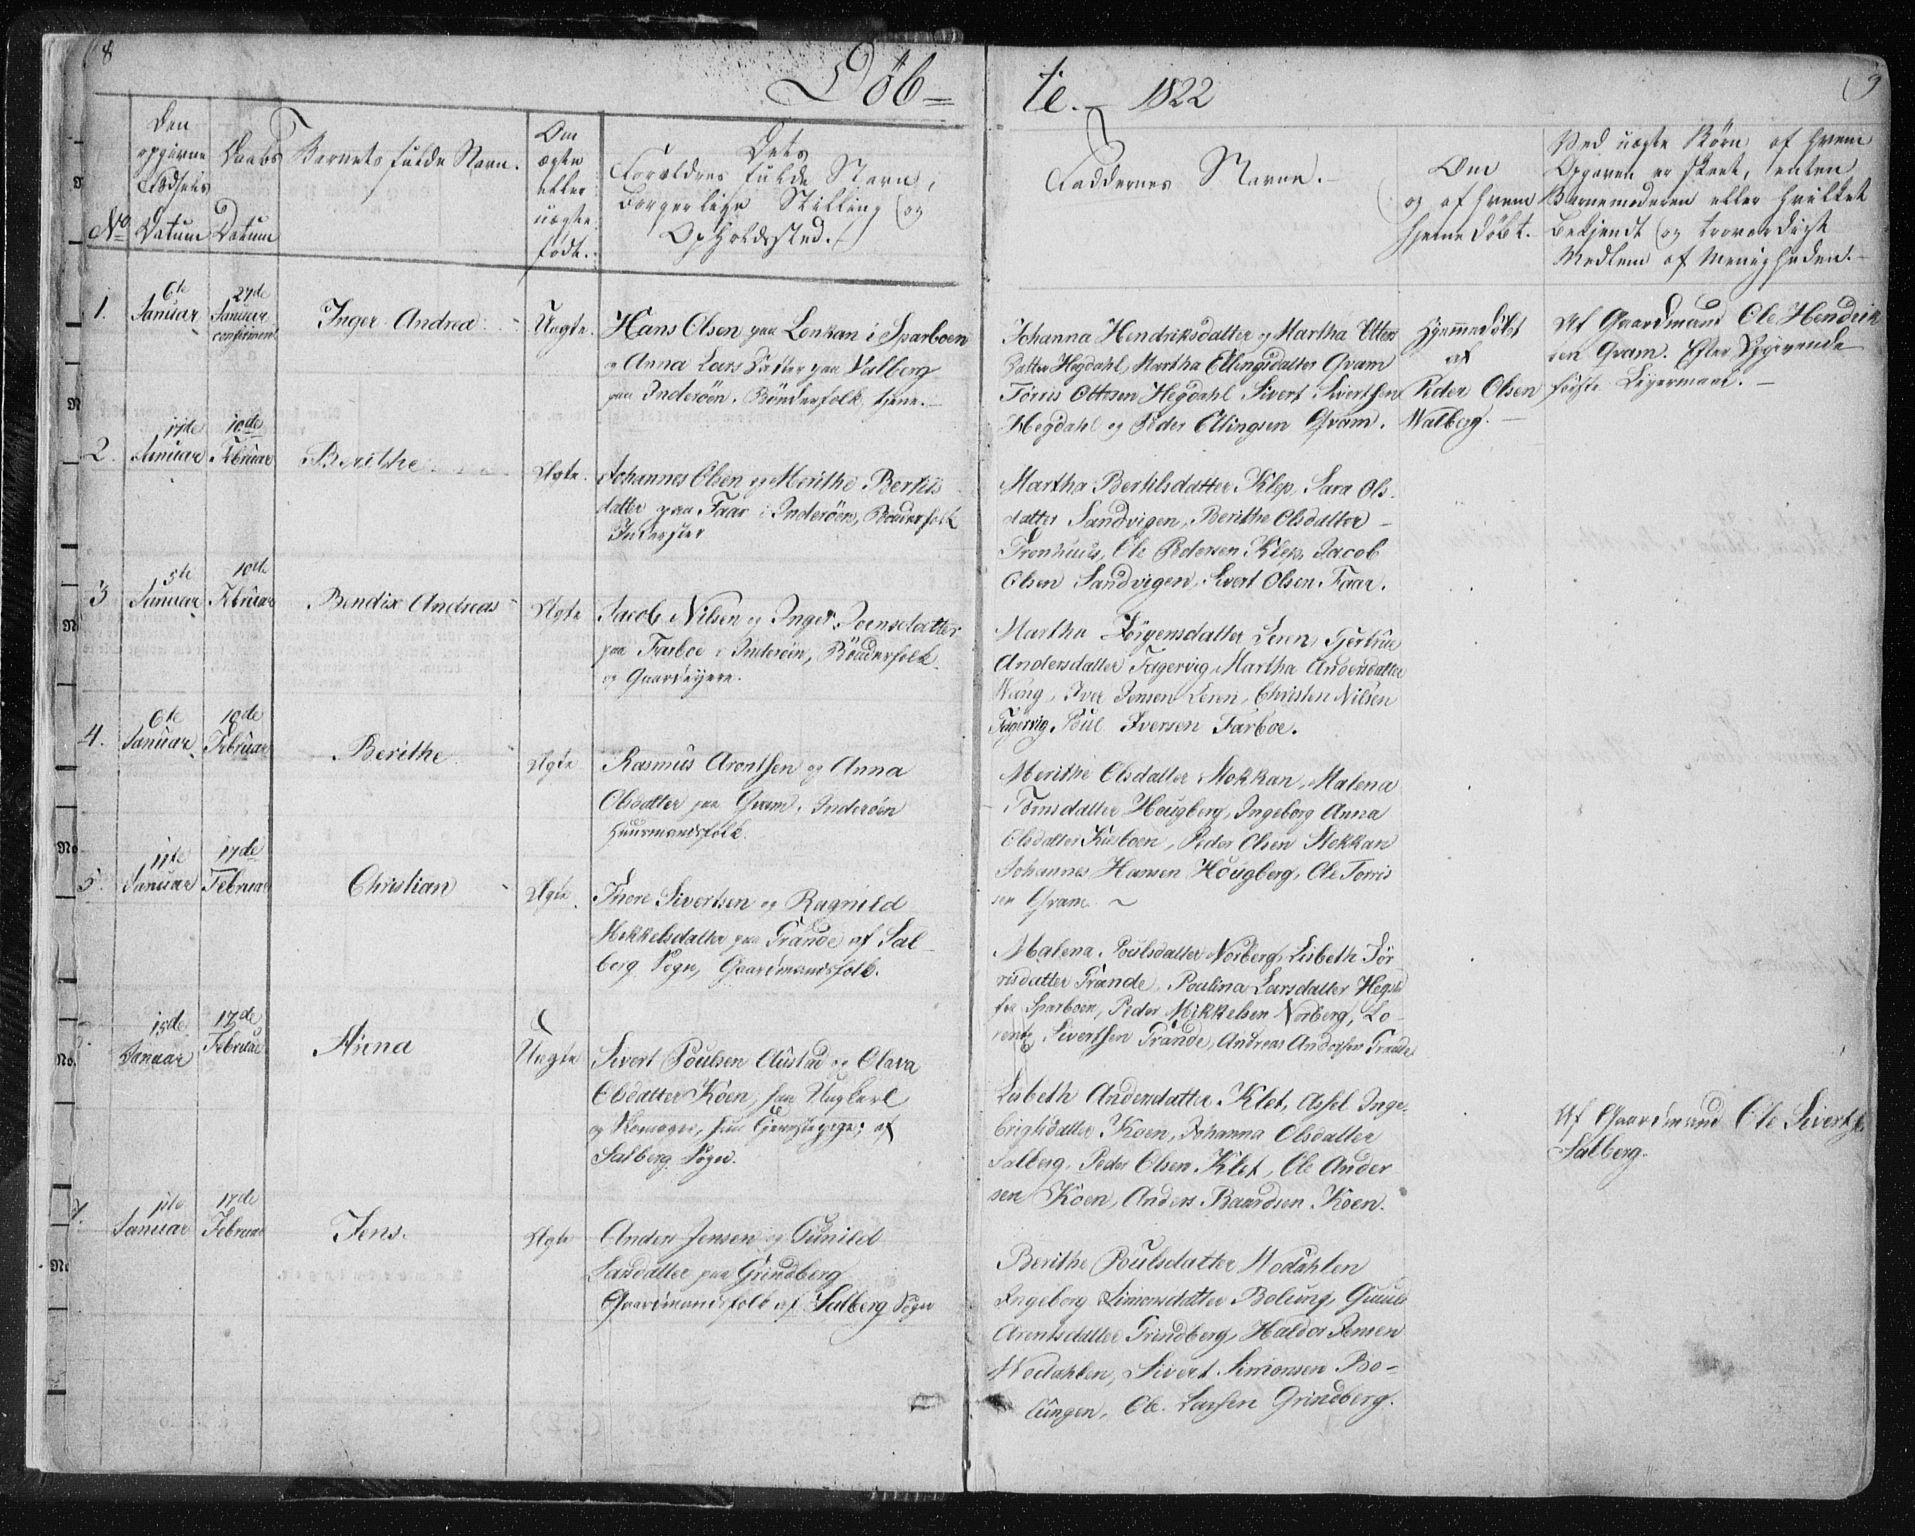 SAT, Ministerialprotokoller, klokkerbøker og fødselsregistre - Nord-Trøndelag, 730/L0276: Parish register (official) no. 730A05, 1822-1830, p. 8-9